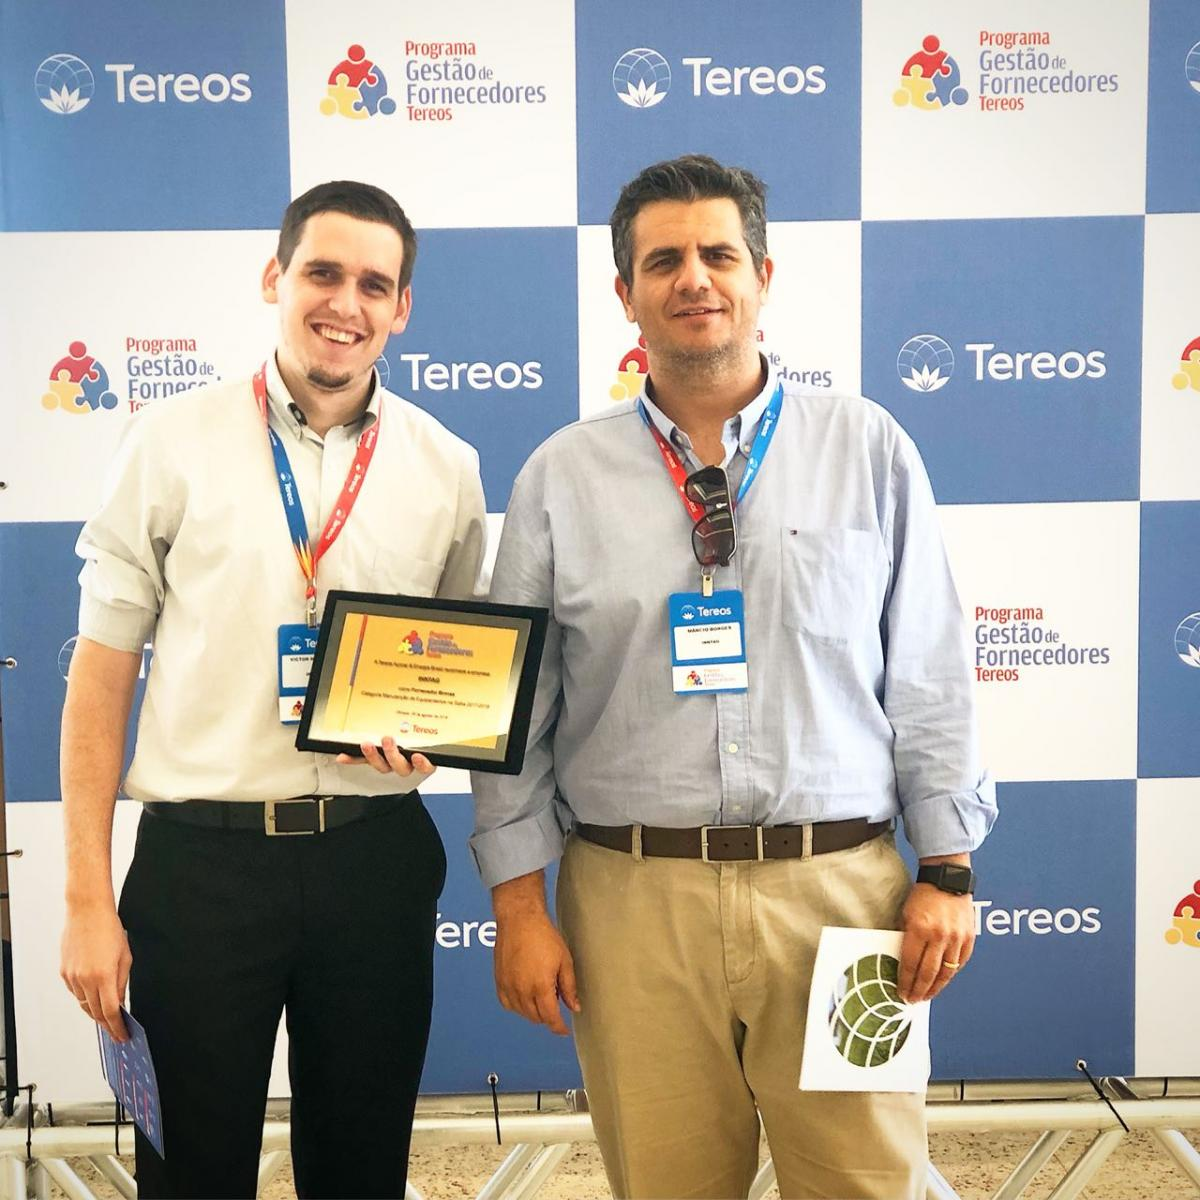 Inntag recebe prêmio do programa de gestão de fornecedores do grupo Tereos